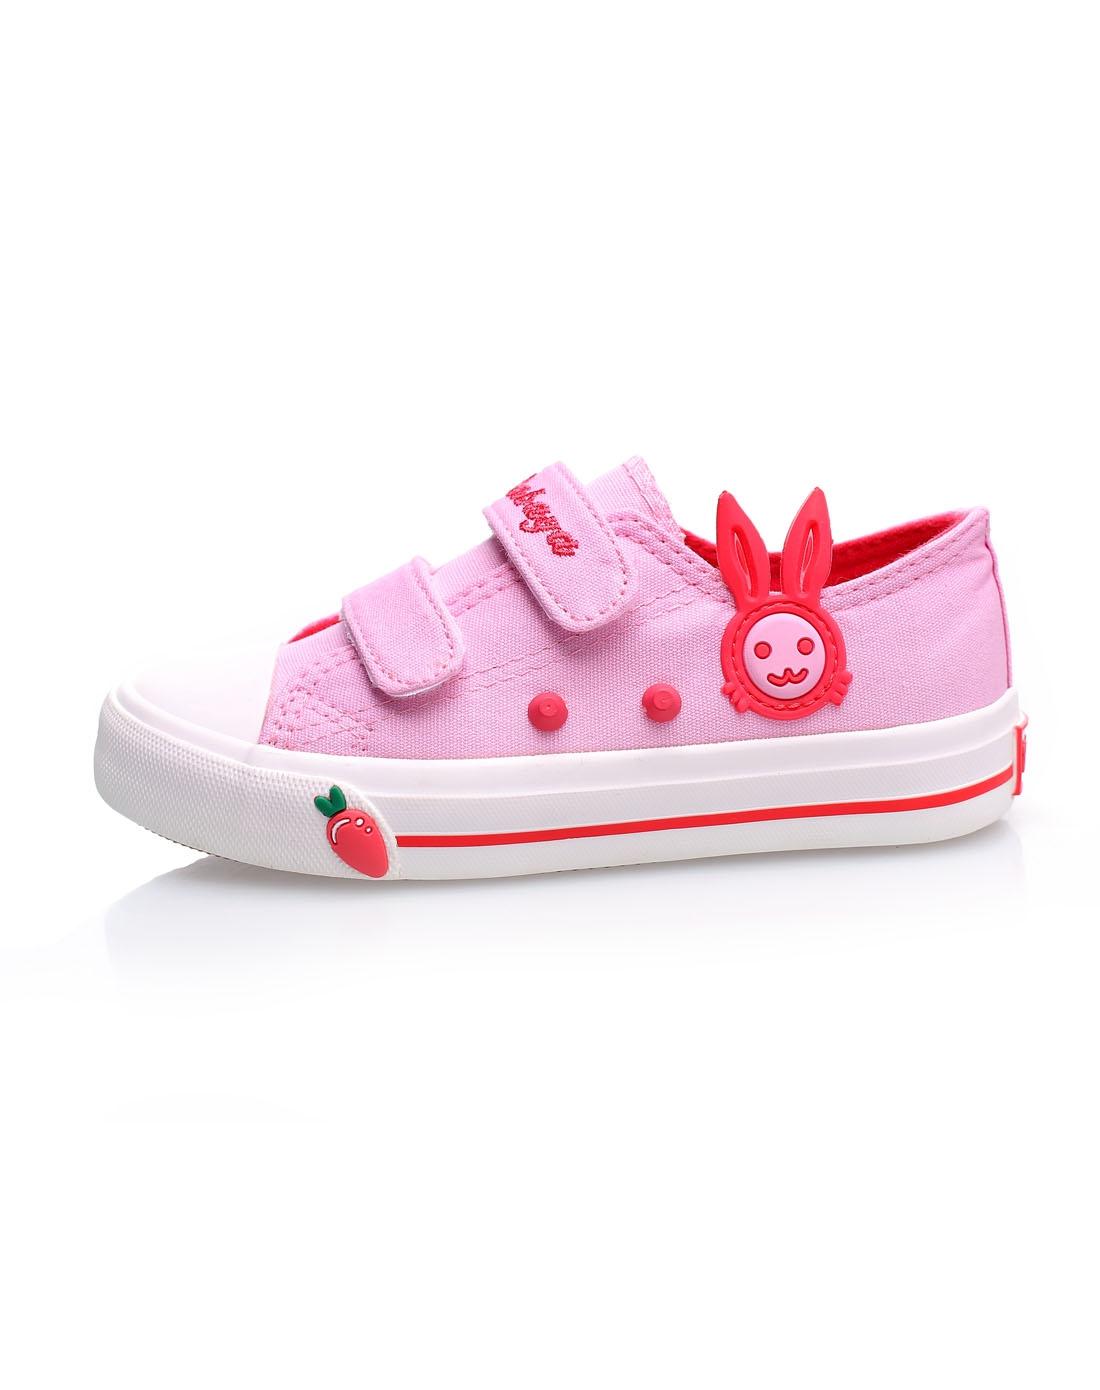 女童粉红色可爱小兔子魔术贴帆布鞋